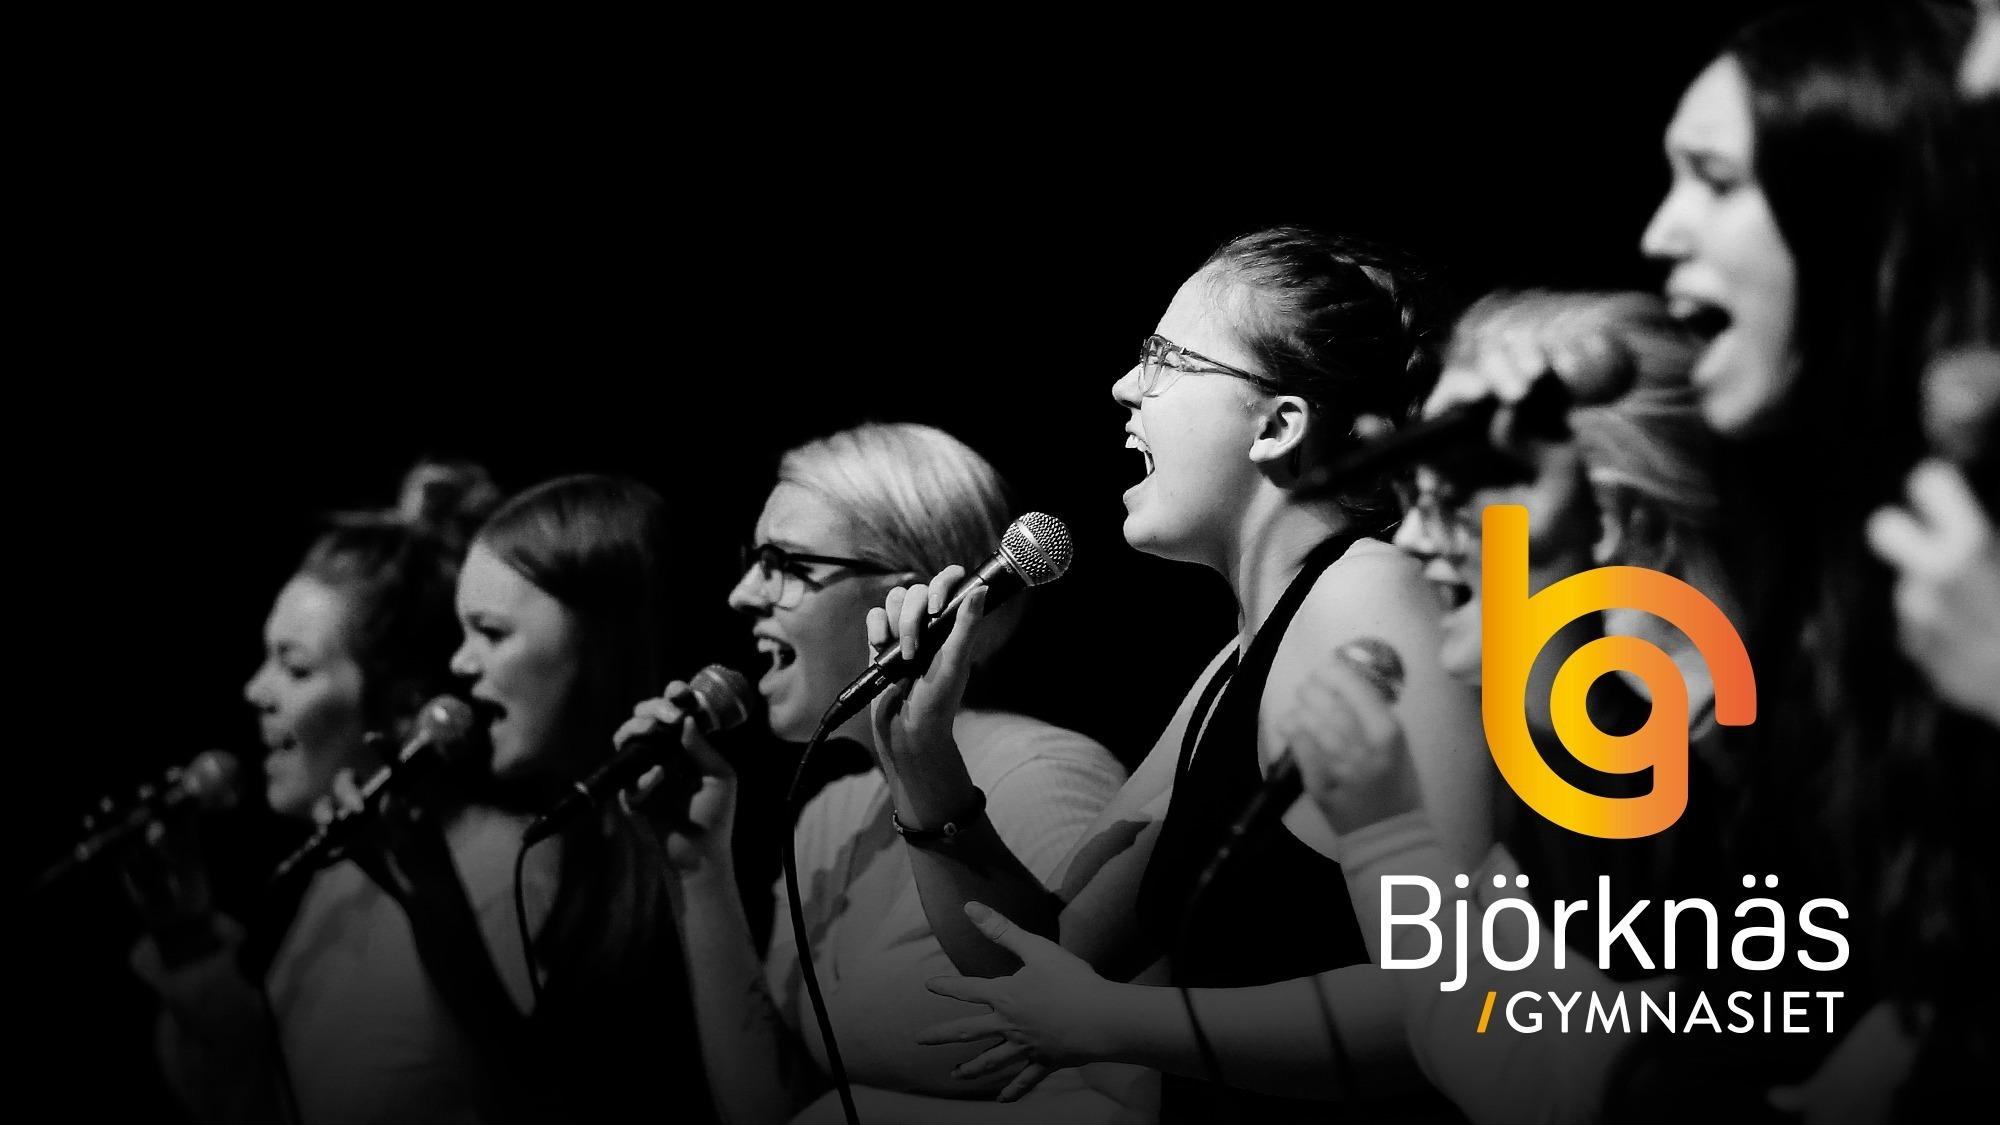 Elever som står på scenen och sjunger.